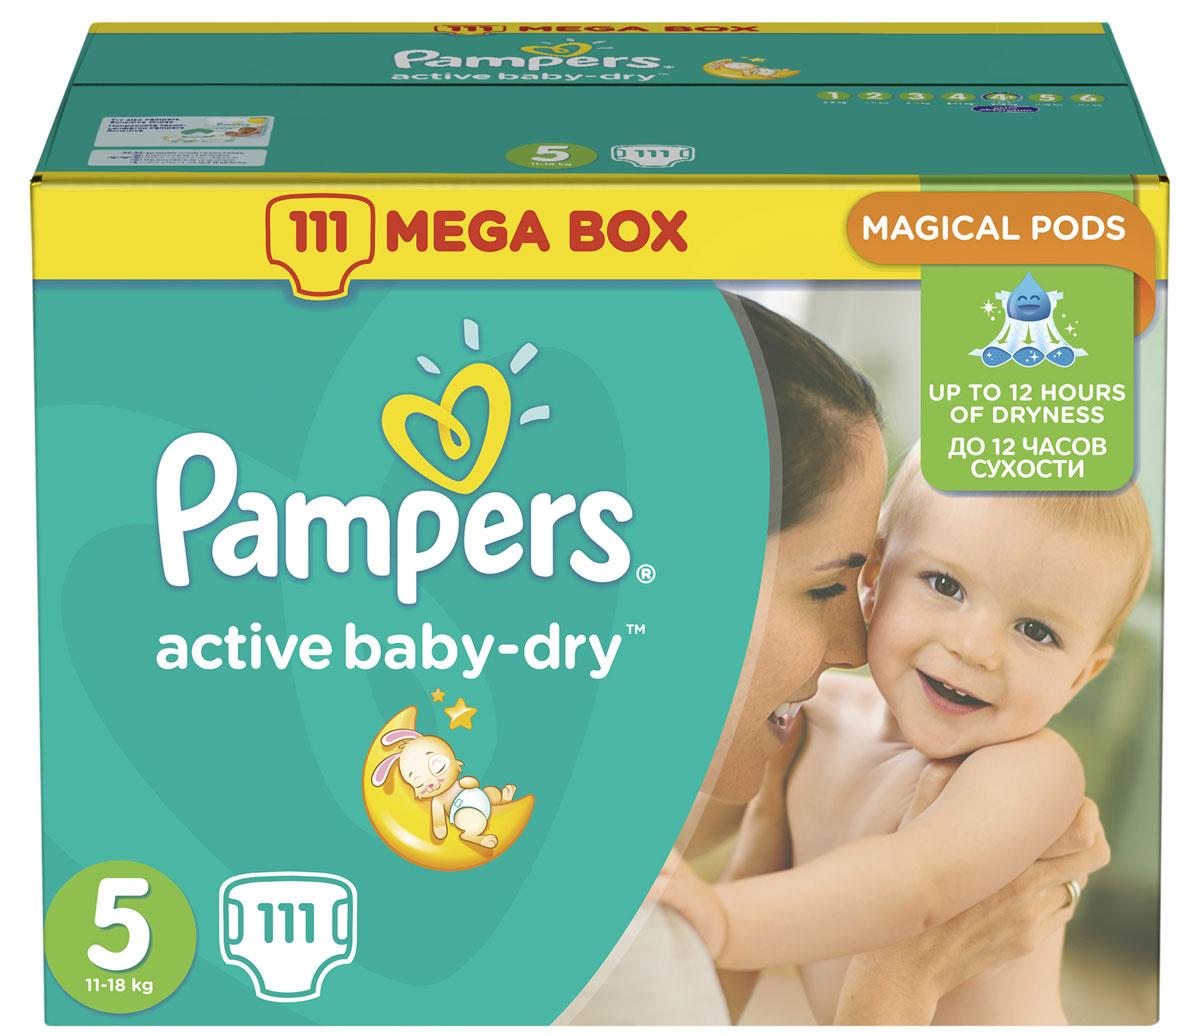 Pampers Подгузники Active Baby-dry 11-18 кг (размер 5) 111 штPA-81446249Ух ты, как сухо! А куда исчезли все пи-пи? Вы готовы к революции в мире подгузников? Как только вы начнете использовать Pampers Active Baby-Dry, вы убедитесь, что они отличаются от предыдущих подгузников. Революционная технология помогает распределять влагу равномерно по 3 впитывающим каналам и запирать ее на замок, не допуская образование мокрого комка между ножек по утрам. Эти подгузники настолько удобные и сухие, что вы удивитесь, куда делись все пи-пи! 3 впитывающих канала помогают равномерно распределить влагу по подгузнику, не допуская образование мокрого комка между ножек. Впитывающие жемчужные микрогранулы: внутренний слой с жемчужными микрогранулами, который впитывает и запирает влагу до 12 часов. Слой Dry: впитывает влагу и не дает ей соприкасаться с нежной кожей малыша. Мягкий верхний слой предотвращает контакт влаги с кожей малыша, для спокойного сна на всю ночь. Дышащие материалы обеспечивают циркуляцию...